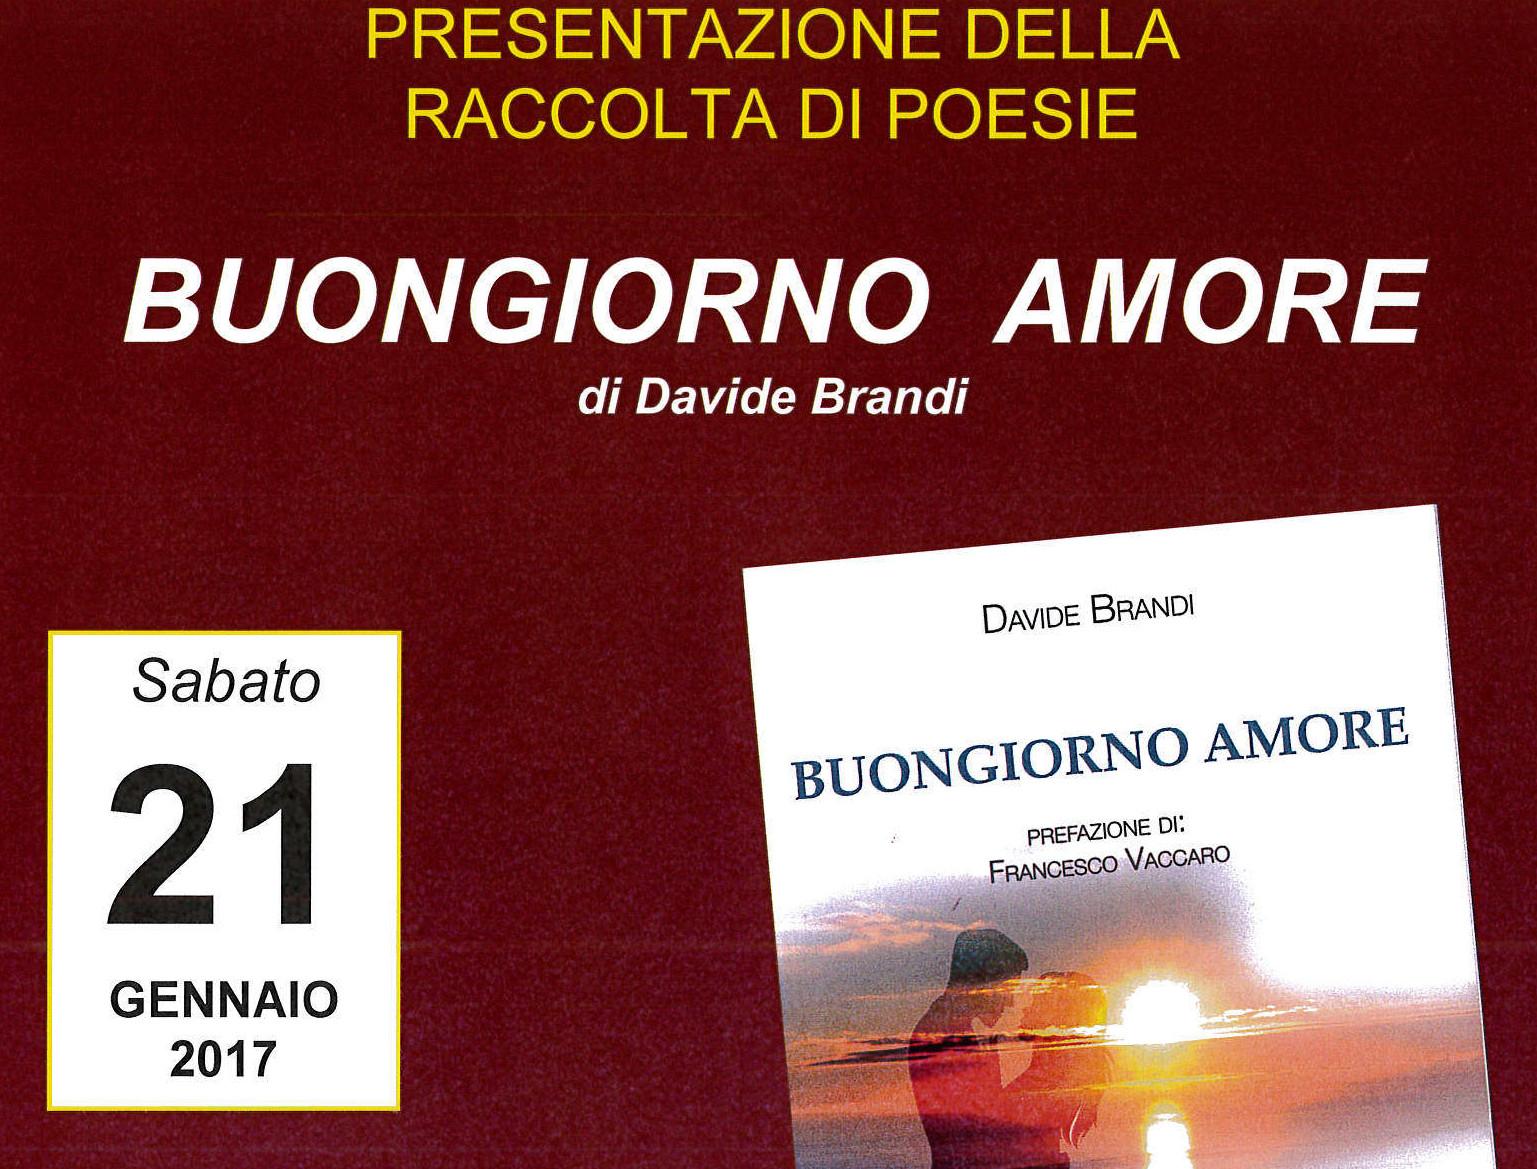 Davide Brandi: presentazione della raccolta di poesie a Palazzo Venezia